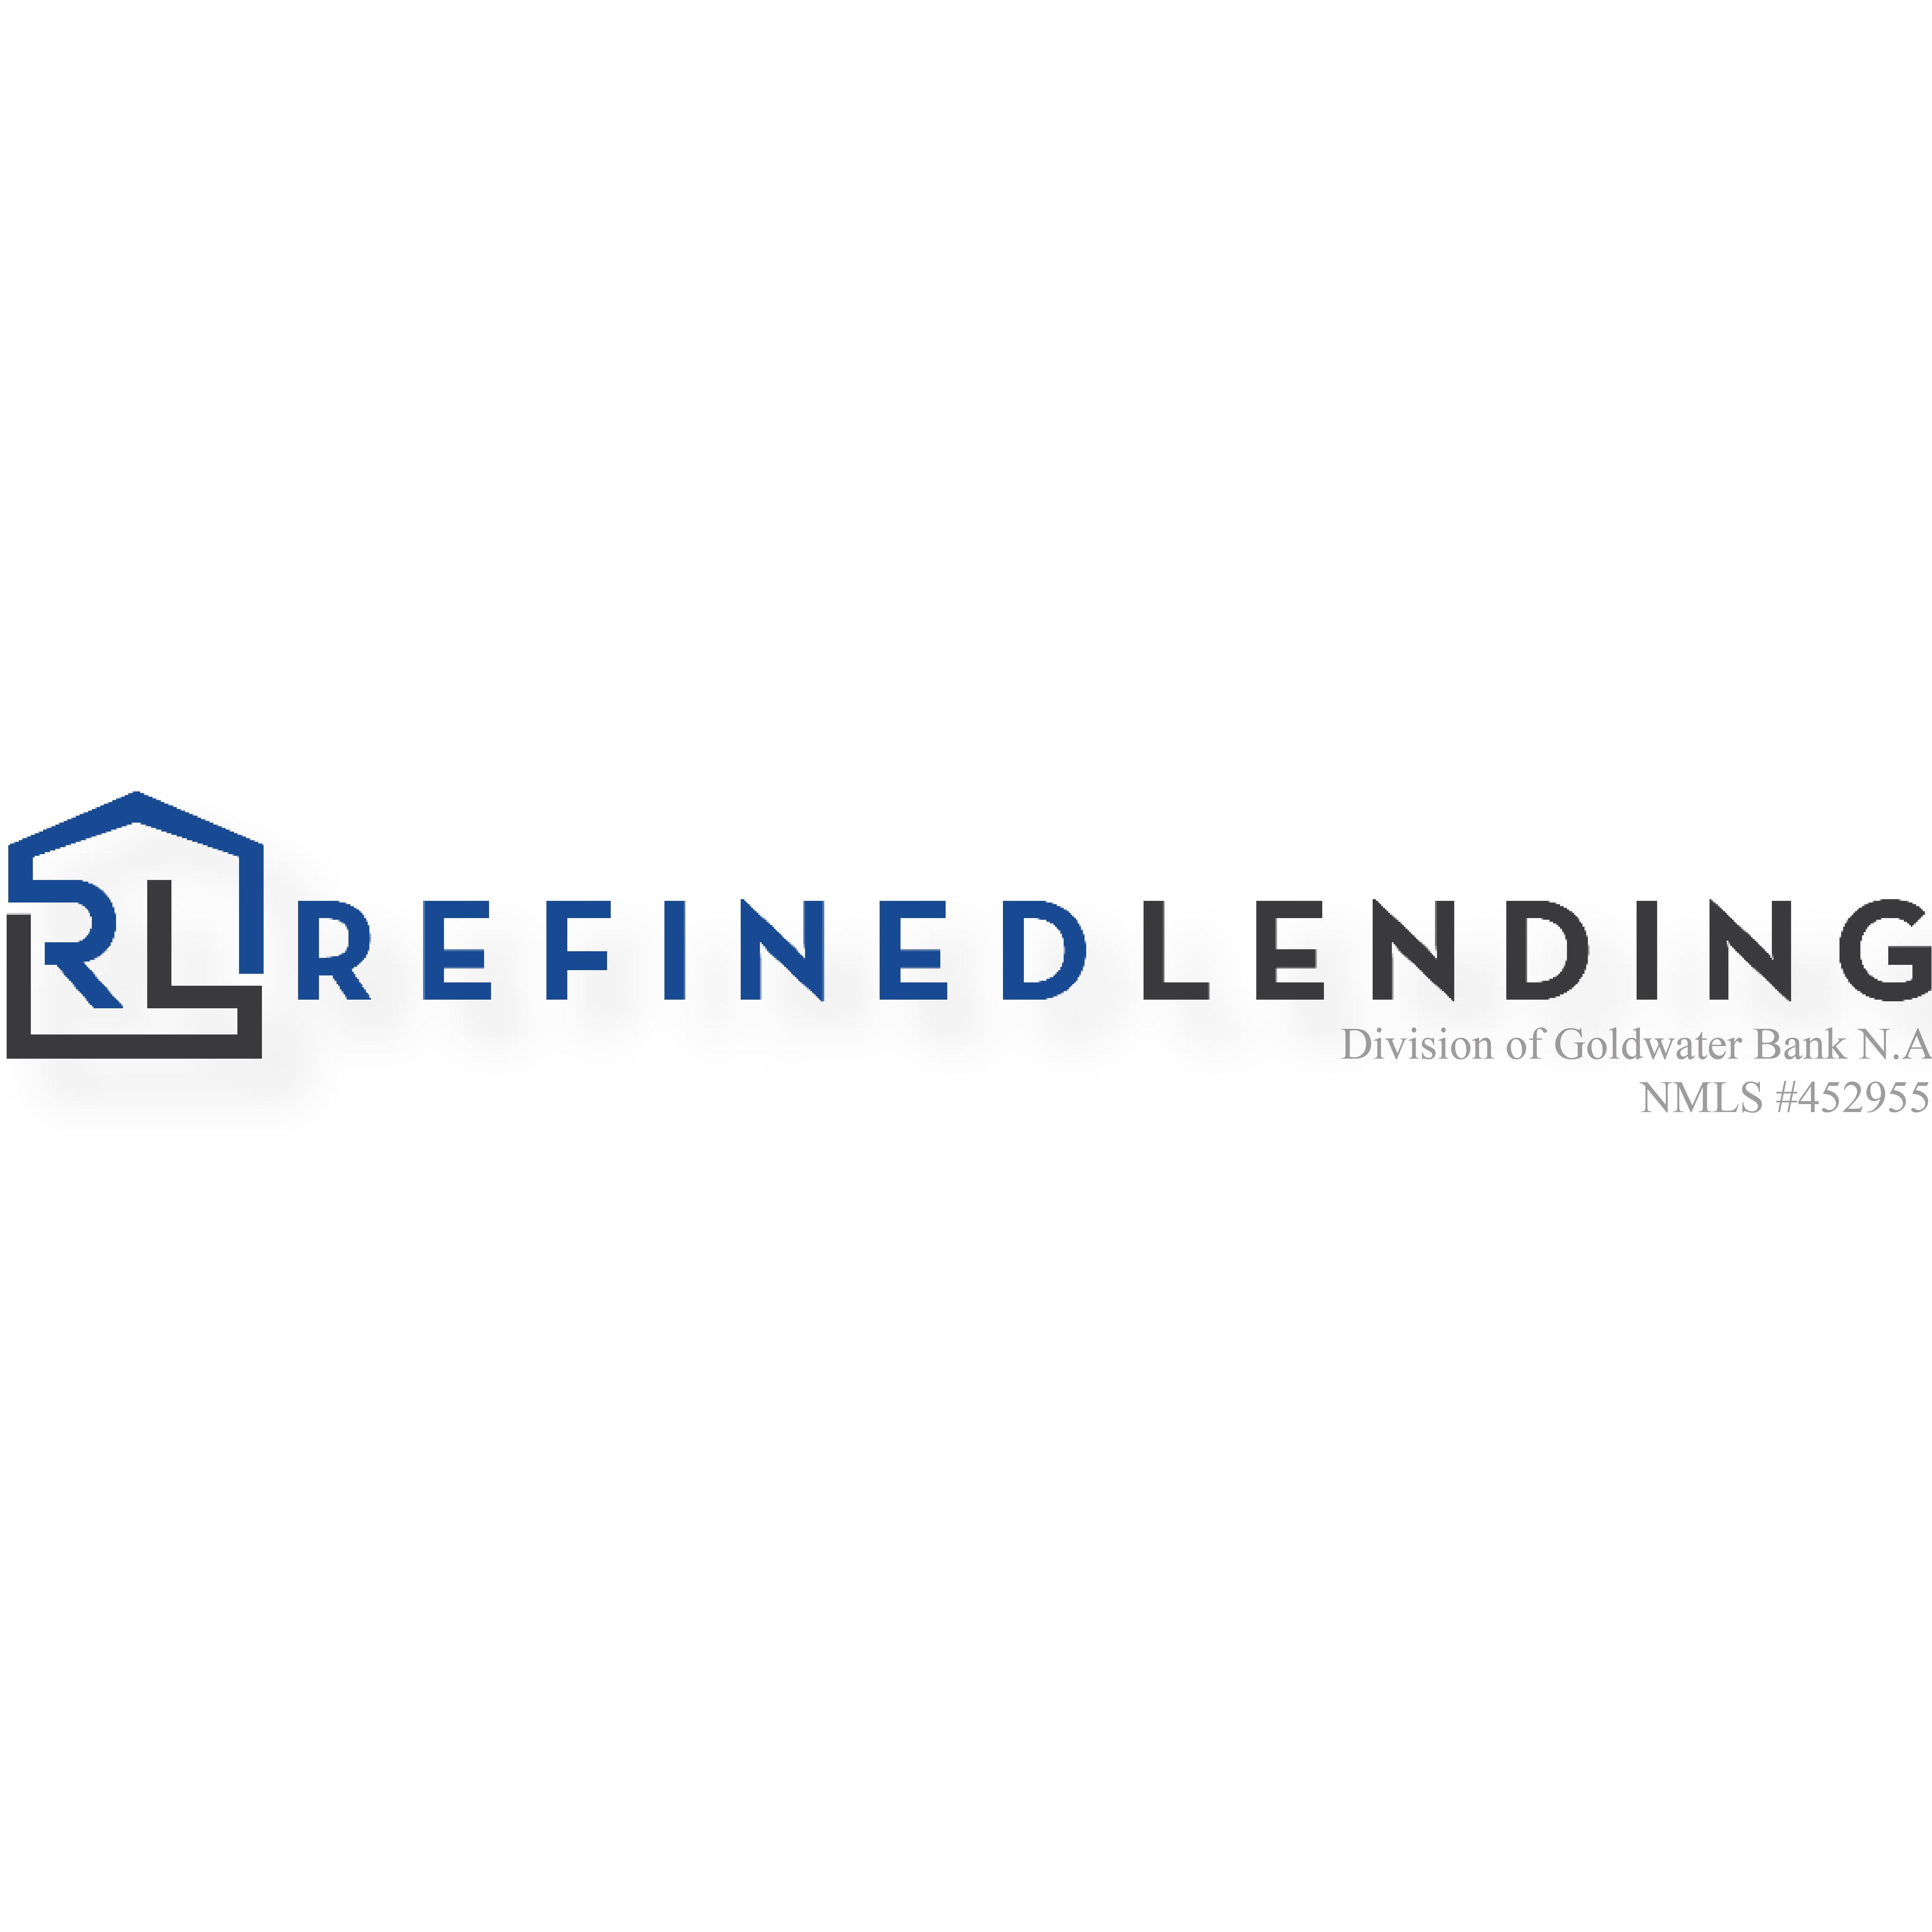 Refined Lending - Blaine, MN 55449 - (763)784-8700   ShowMeLocal.com